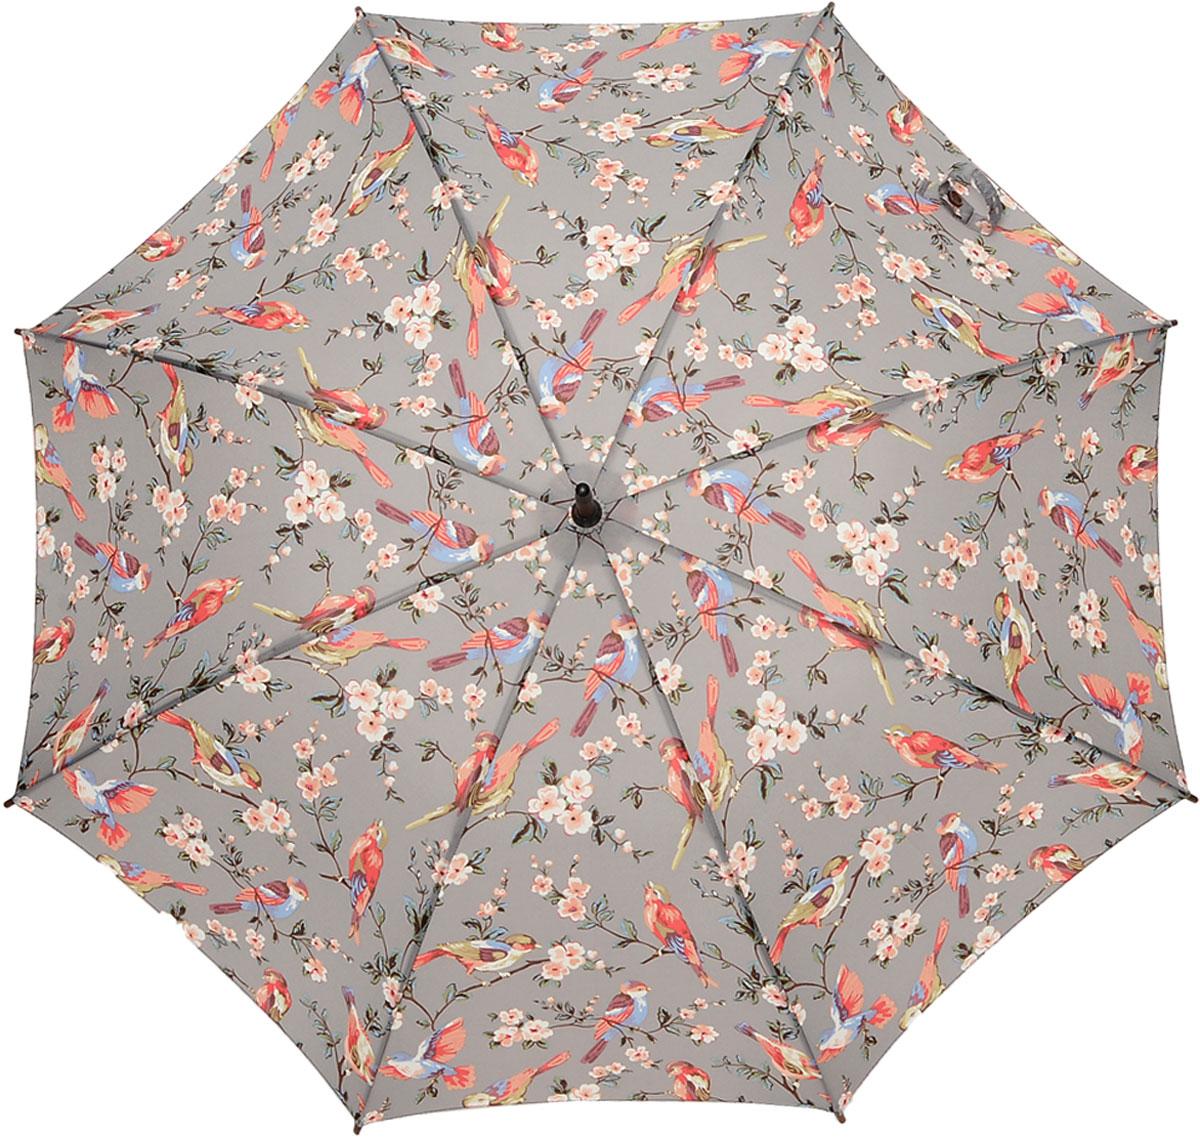 Зонт-трость женский Cath Kidston Kensington, механический, цвет: серый. L541-3060L541-3060 BritishBirdsGreyСтильный механический зонт-трость Cath Kidston Kensington даже в ненастную погоду позволит вам оставаться модной и элегантной. Каркас зонта включает 8 спиц из фибергласса с деревянным наконечниками. Стержень изготовлен из дерева. Купол зонта выполнен из износостойкого полиэстера и оформлен принтом в виде птичек на веточках. Изделие дополнено удобной рукояткой из гладкого дерева. Зонт механического сложения: купол открывается и закрывается вручную до характерного щелчка. Модель дополнительно застегивается с помощью двух хлястиков: на кнопку и липучку с декоративной пуговицей. Такой зонт не только надежно защитит вас от дождя, но и станет стильным аксессуаром, который идеально подчеркнет ваш неповторимый образ.